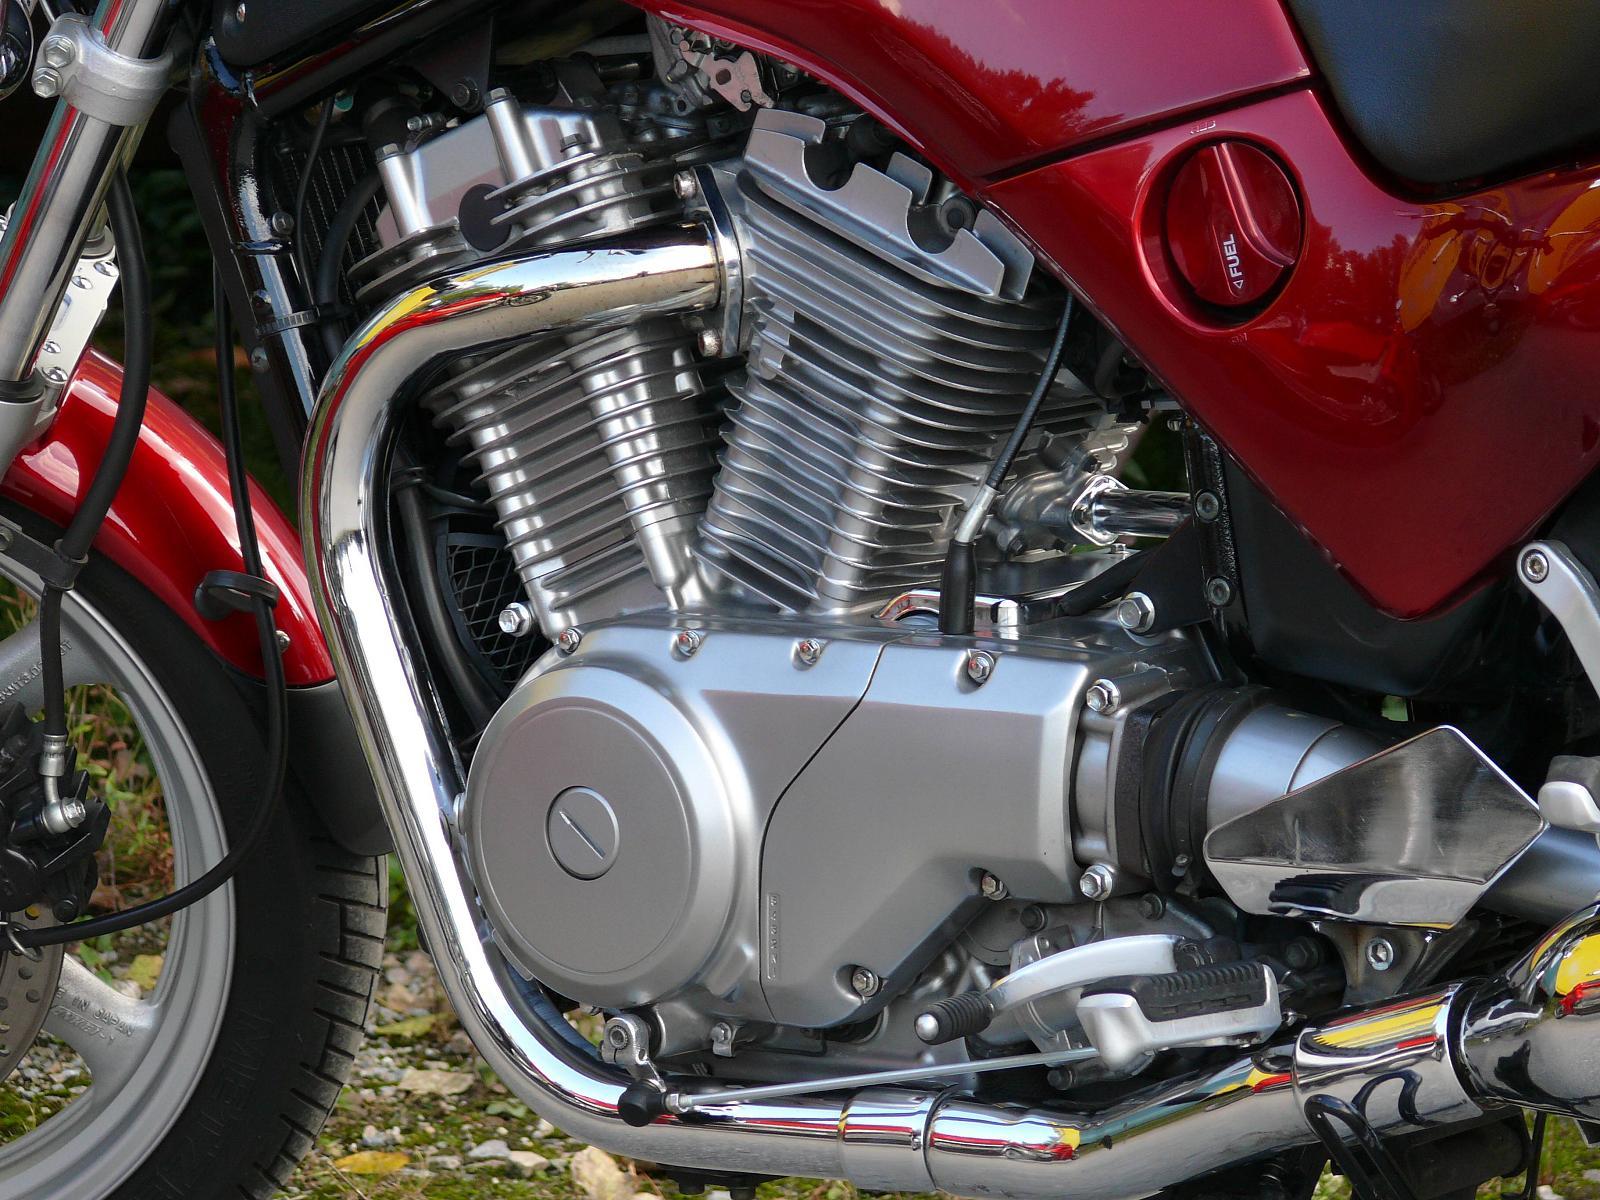 SUZUKI VX 800 engine